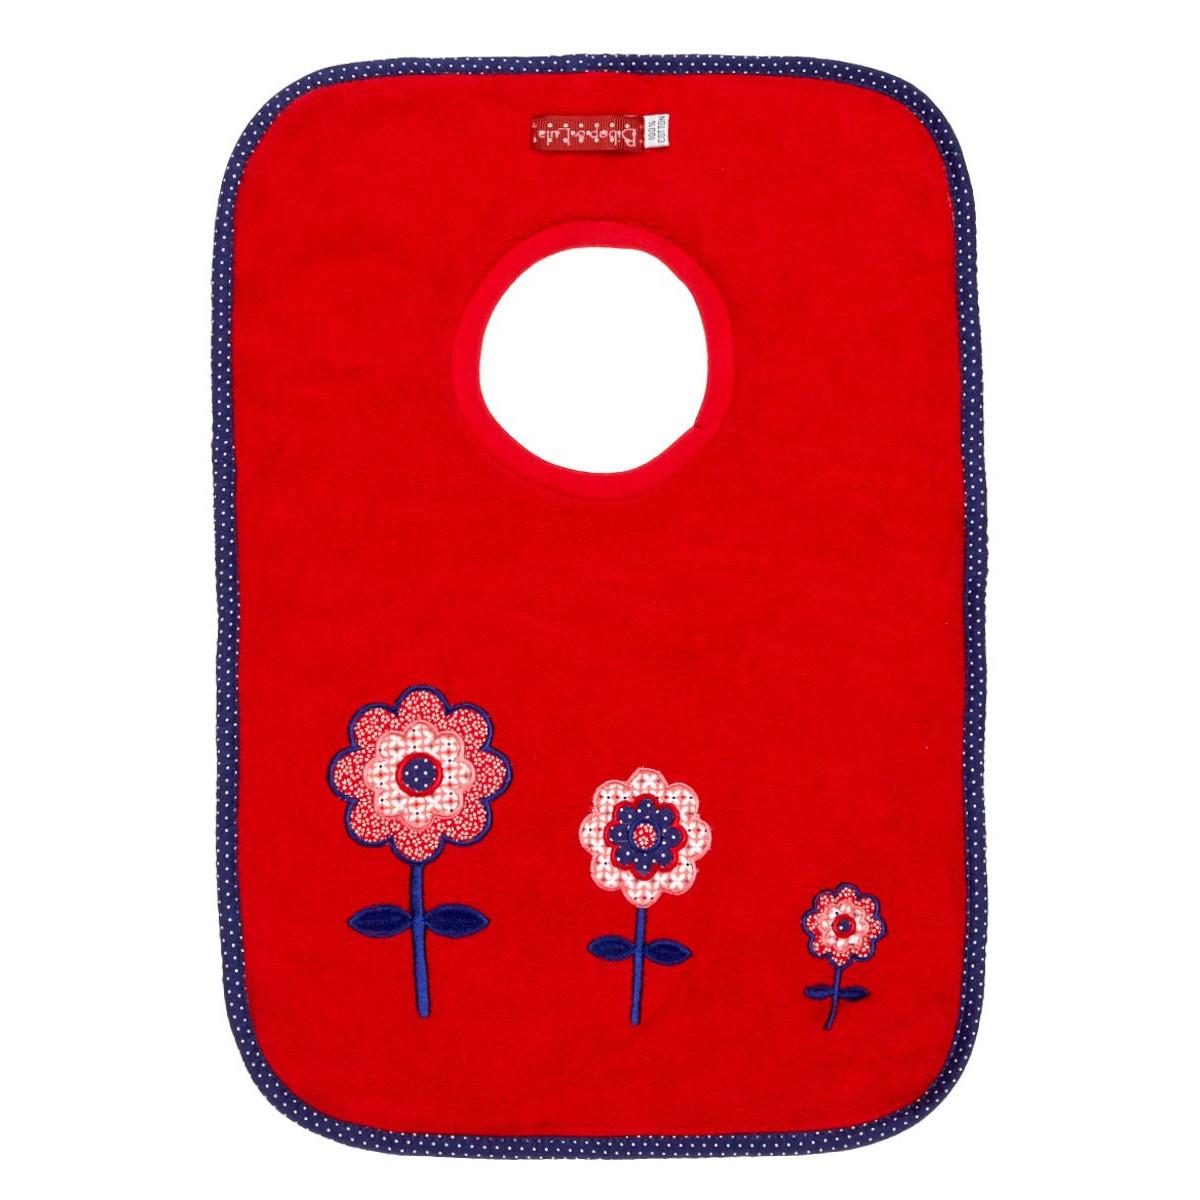 Bavoirs élastiques coton fleurs rouge